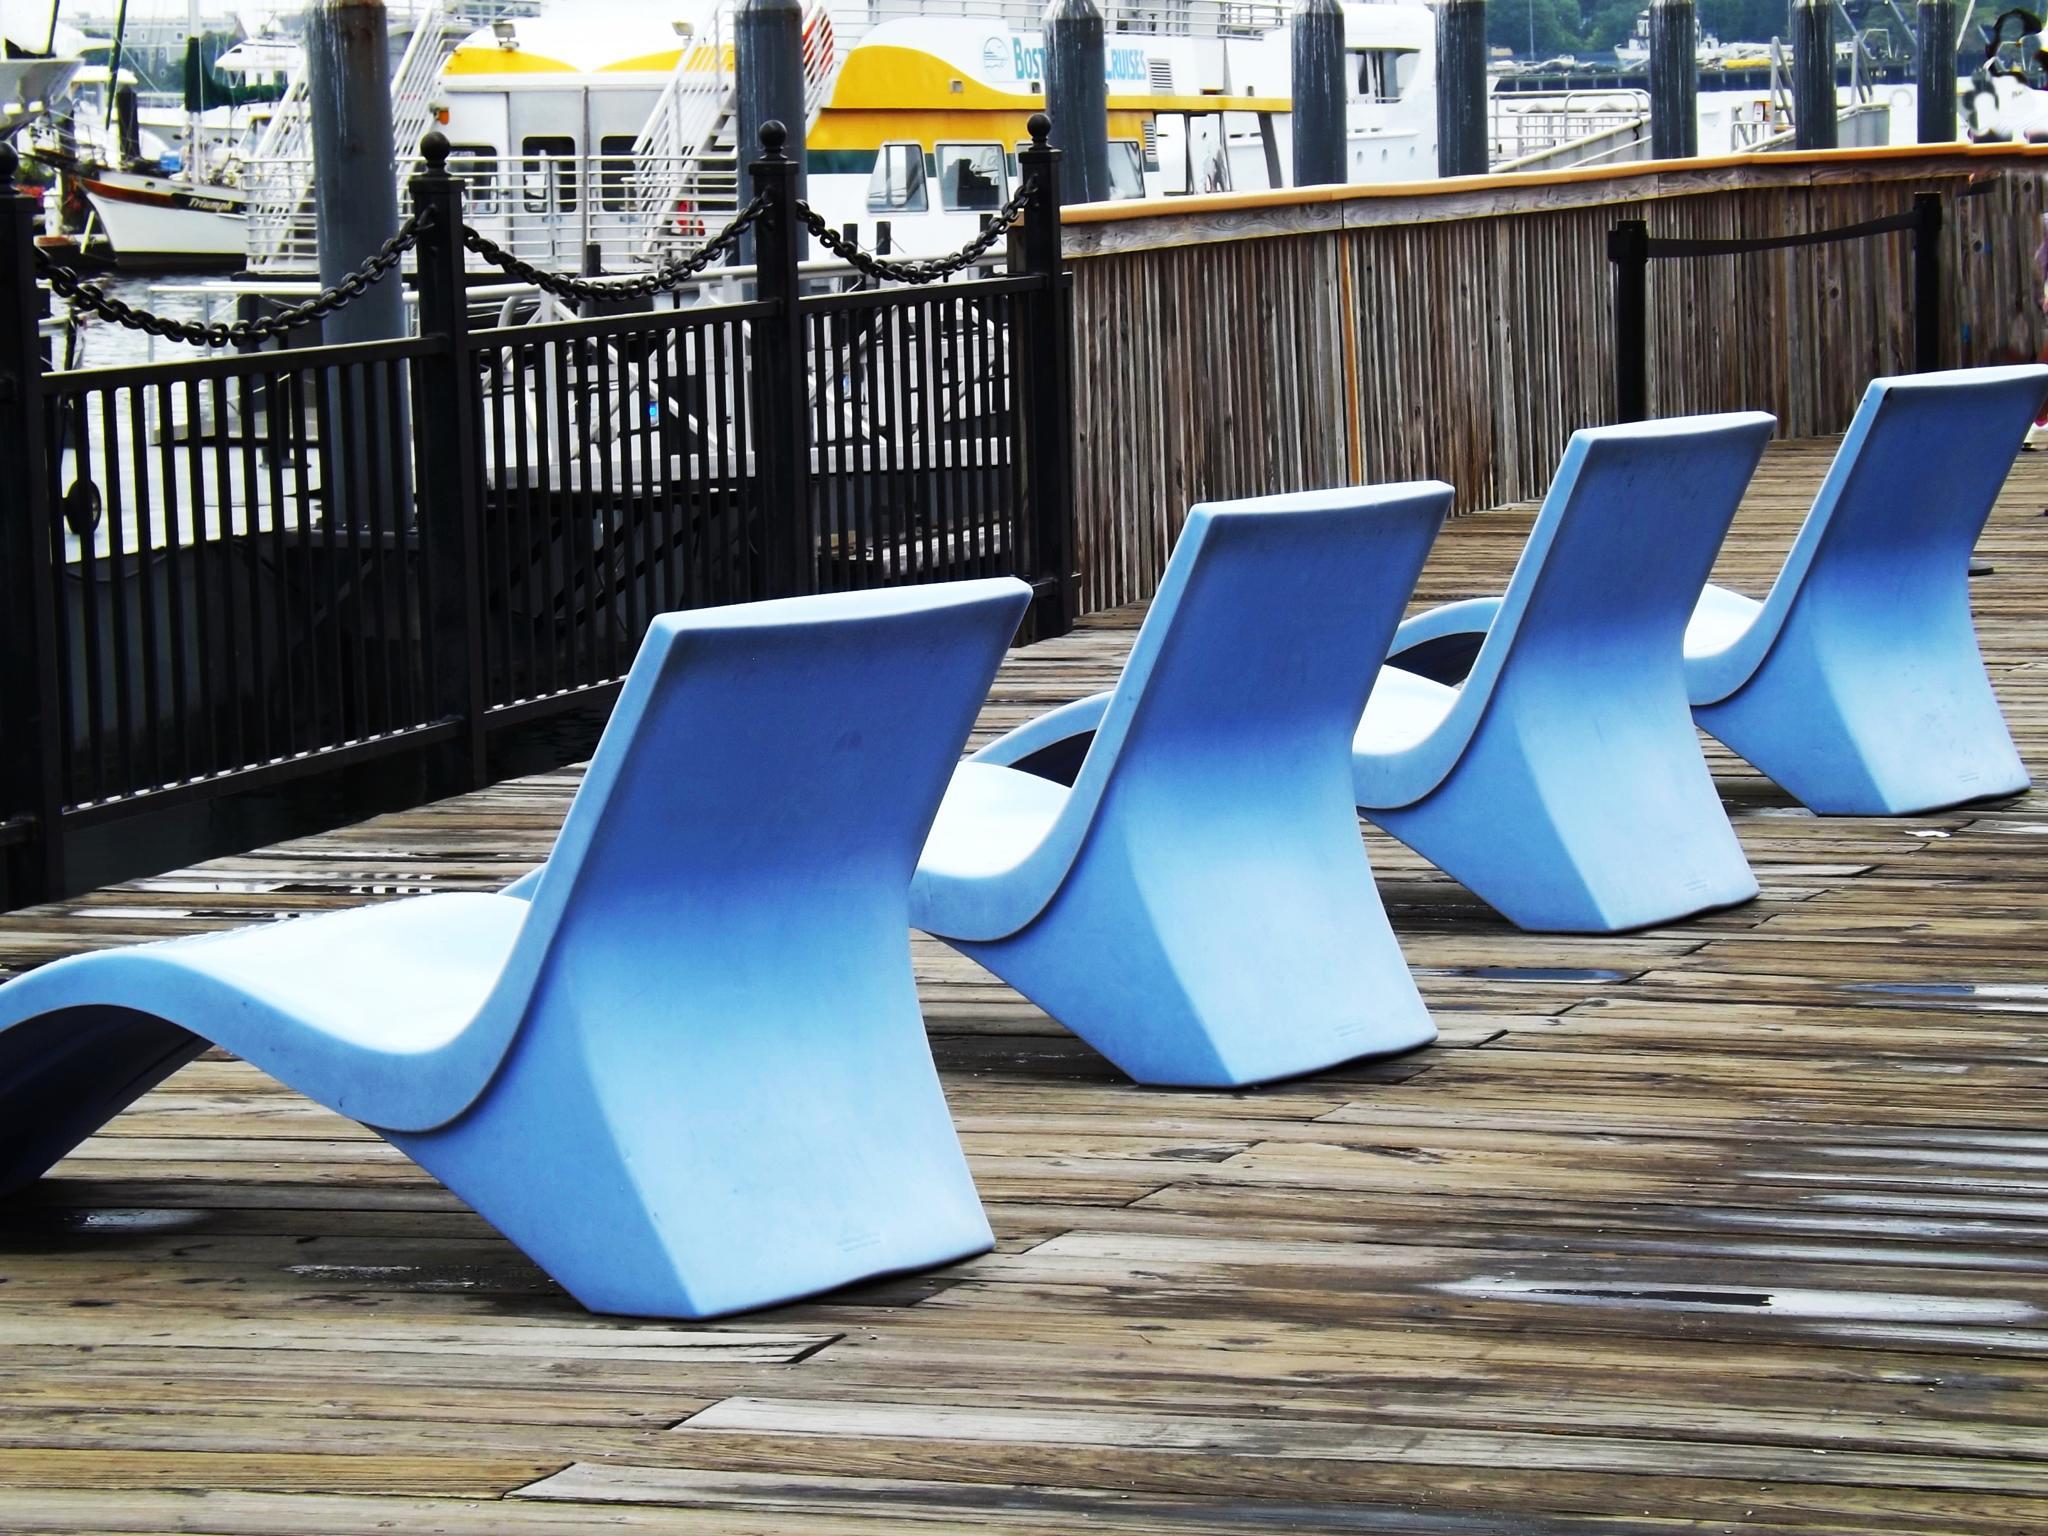 Harbor Chairs by Julianne P.-thaidragon27